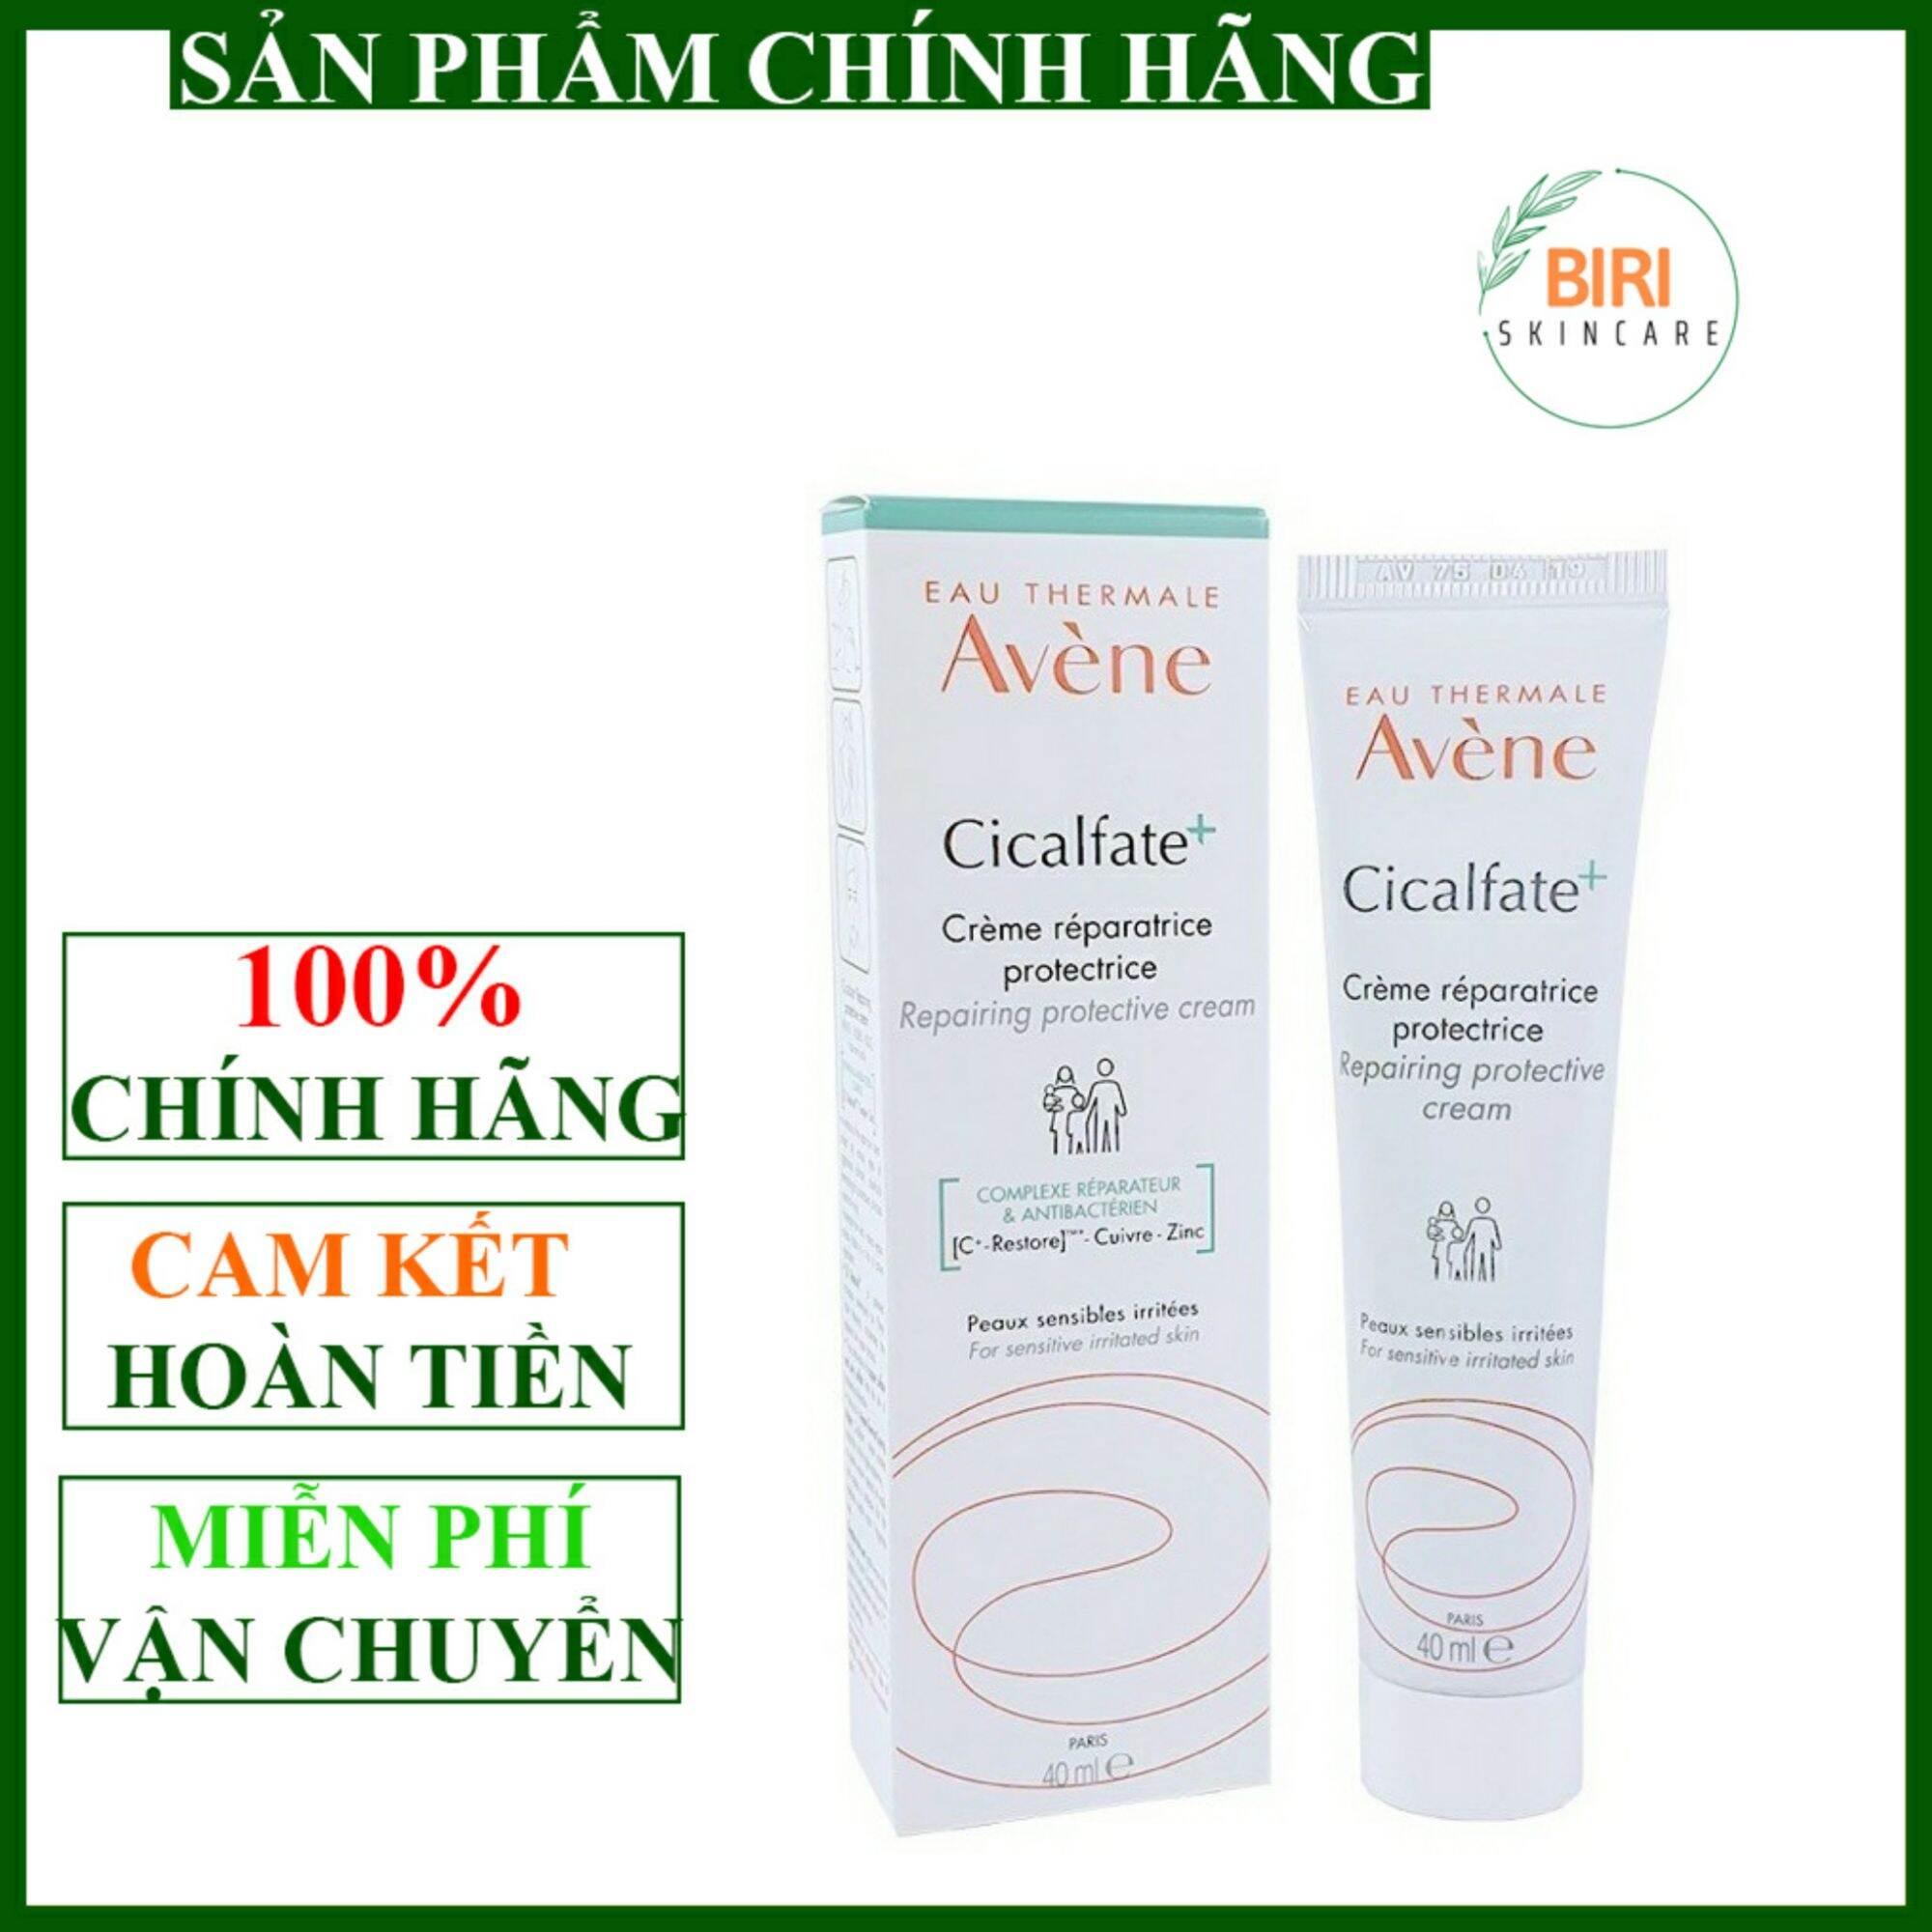 [Avene] Kem phục hồi Avene Cicalfate, làm lành sẹo và cấp ẩm cho da Avene Cicalfate Restorative Skin Cream 40ml